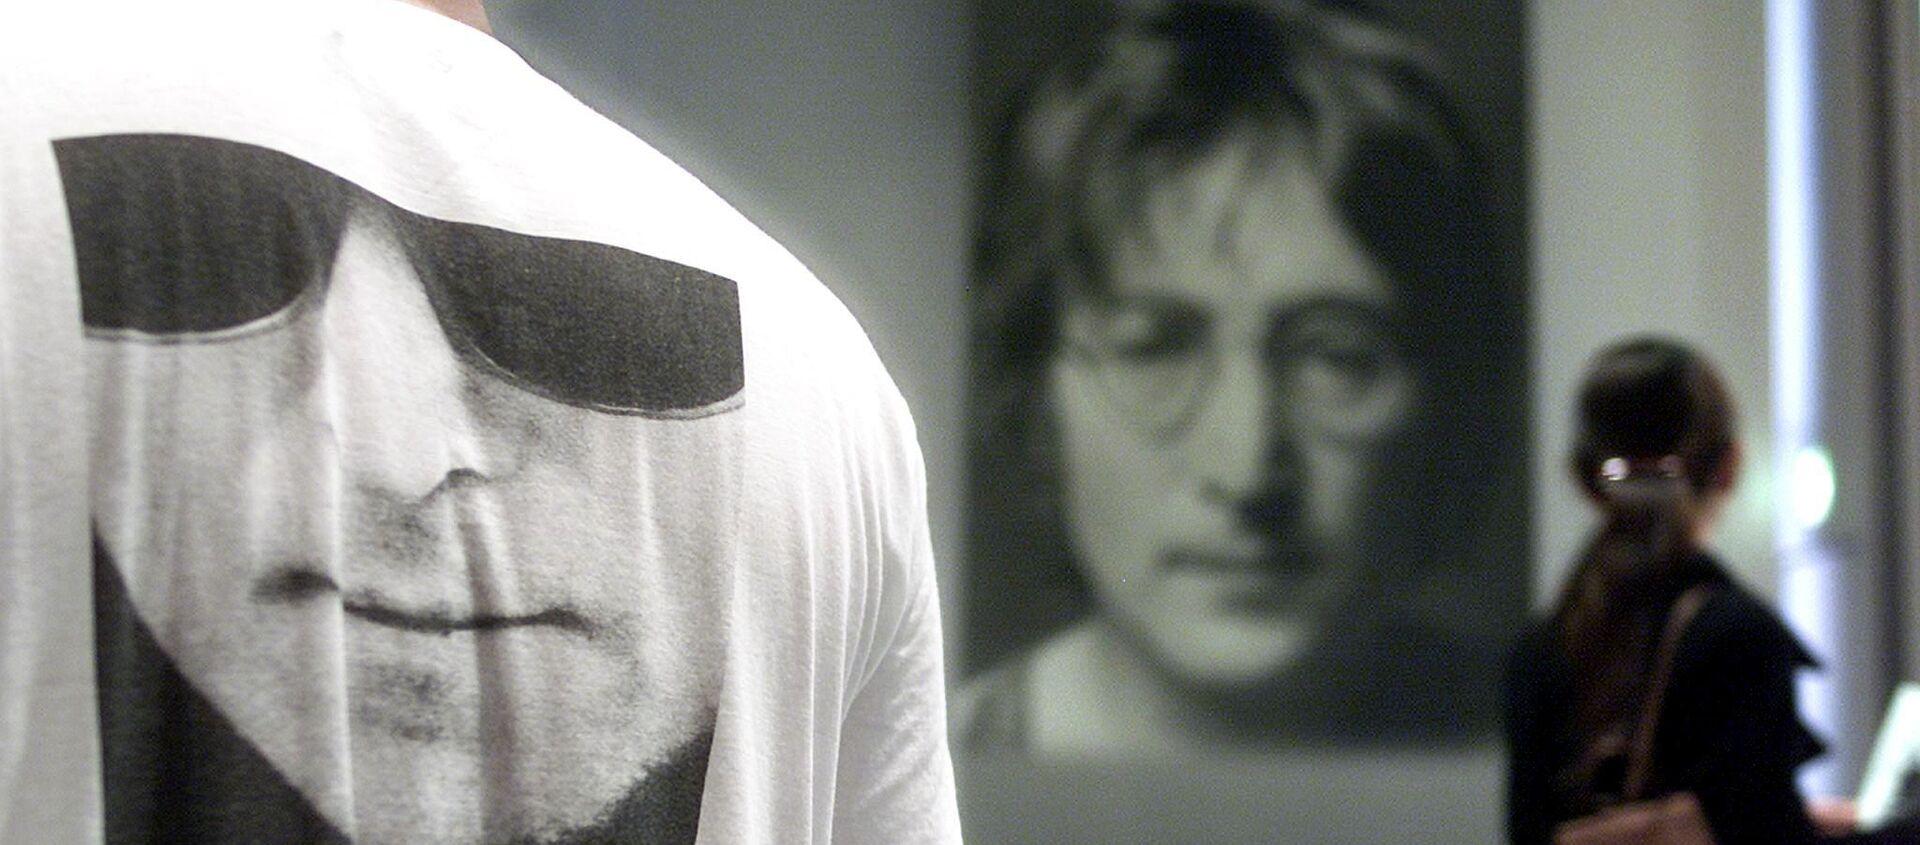 Портрет Джона Леннона - Sputnik 日本, 1920, 29.09.2021